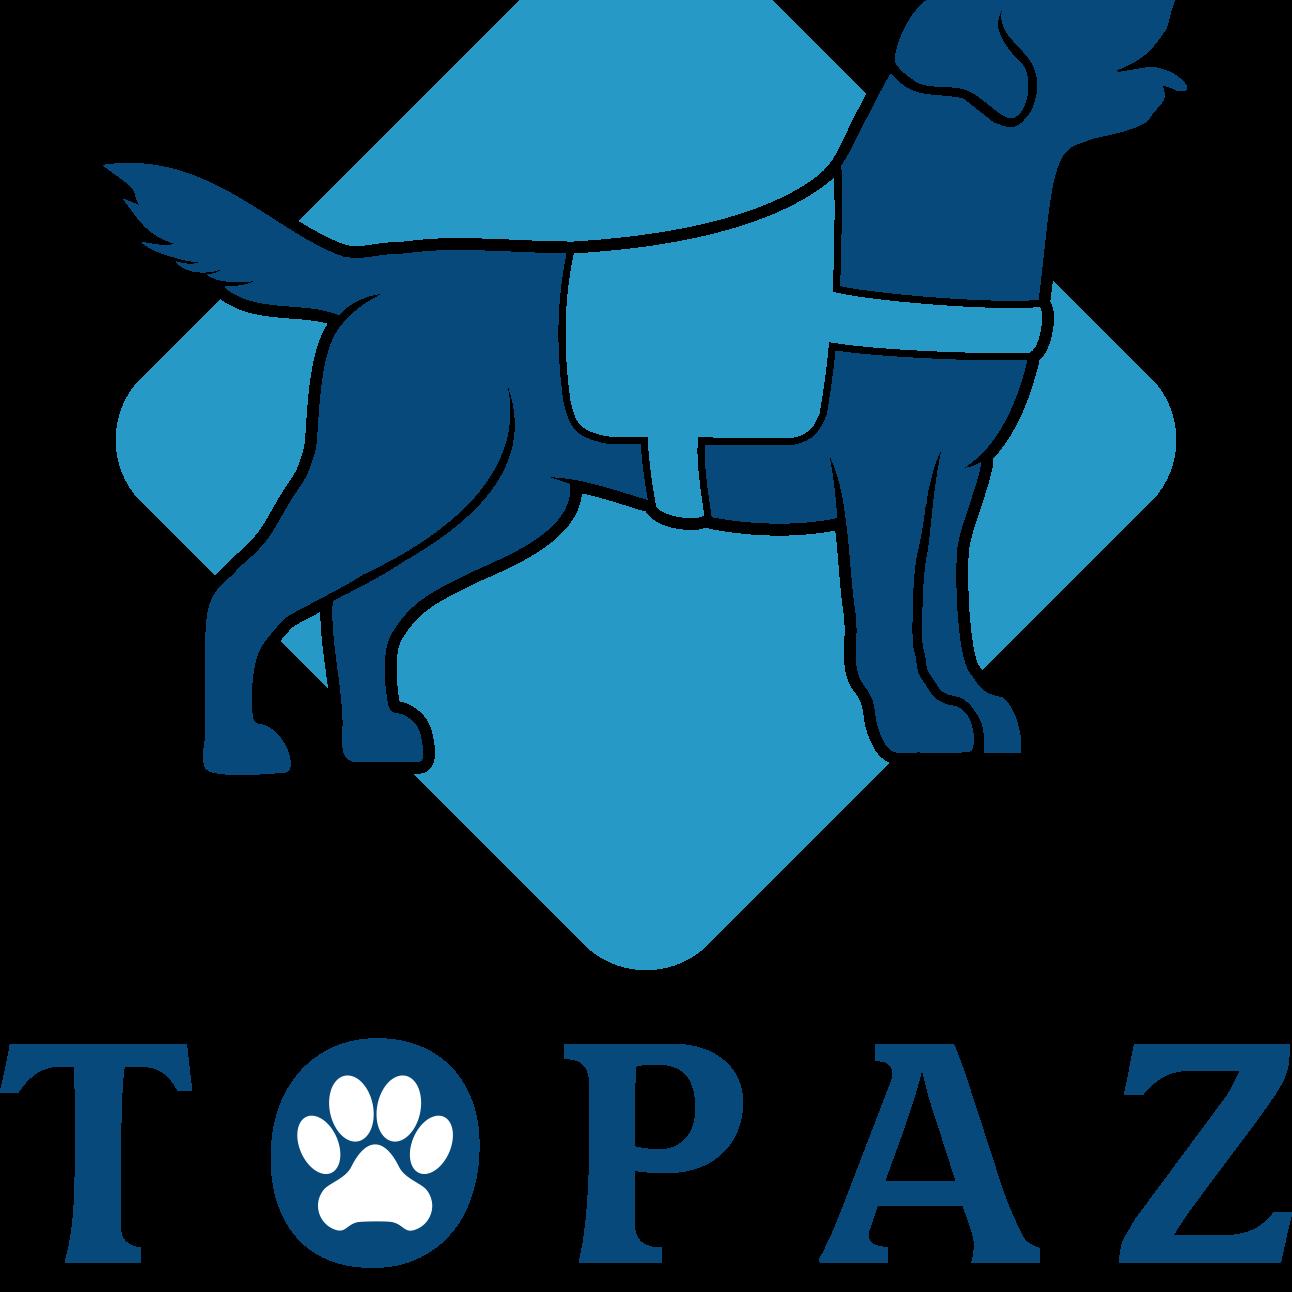 Topaznew2